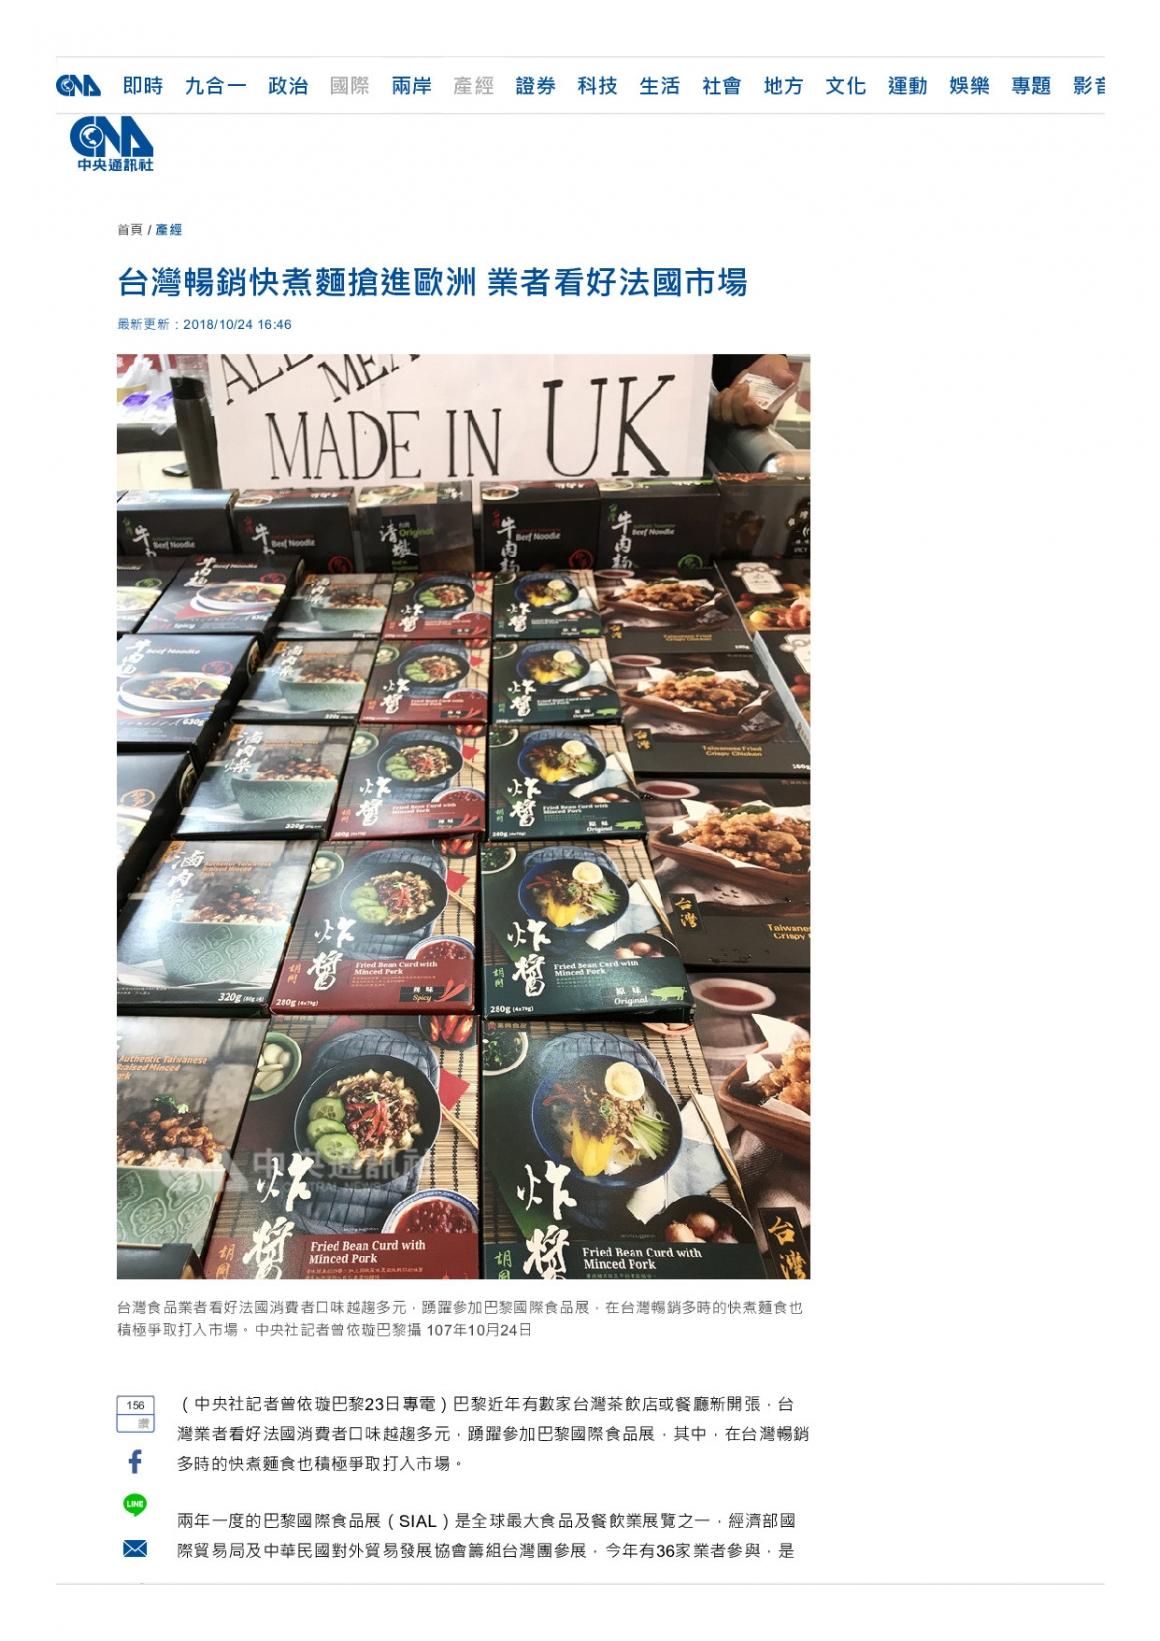 4.1.0台灣暢銷快煮麵搶進歐洲 業者看好法國市場 _ 產經 _ 中央社 CNA_001